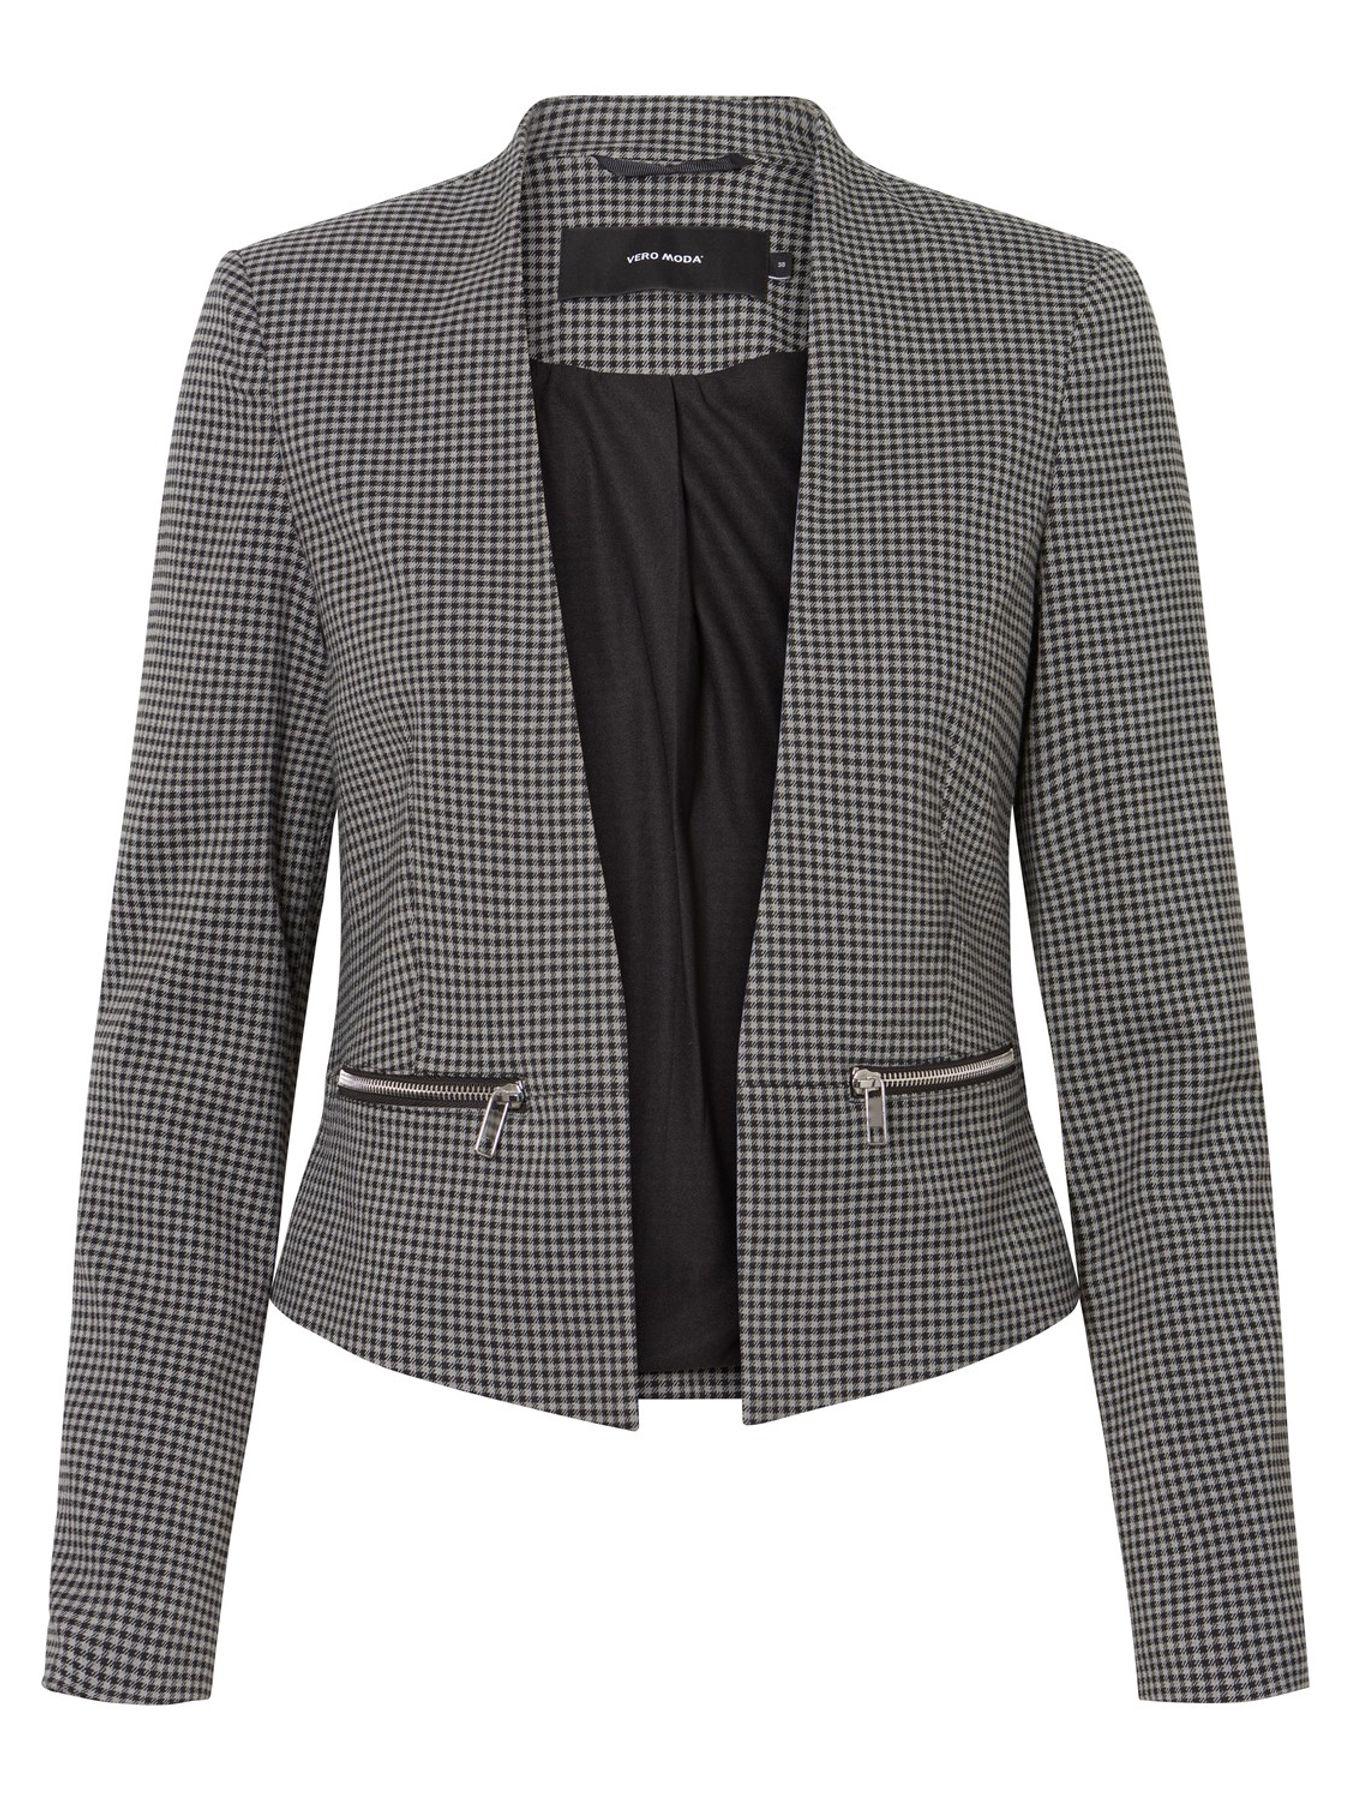 VERO MODA - Damen Jersey-Blazer in grau mit Muster oder schwarz (10206213) – Bild 2